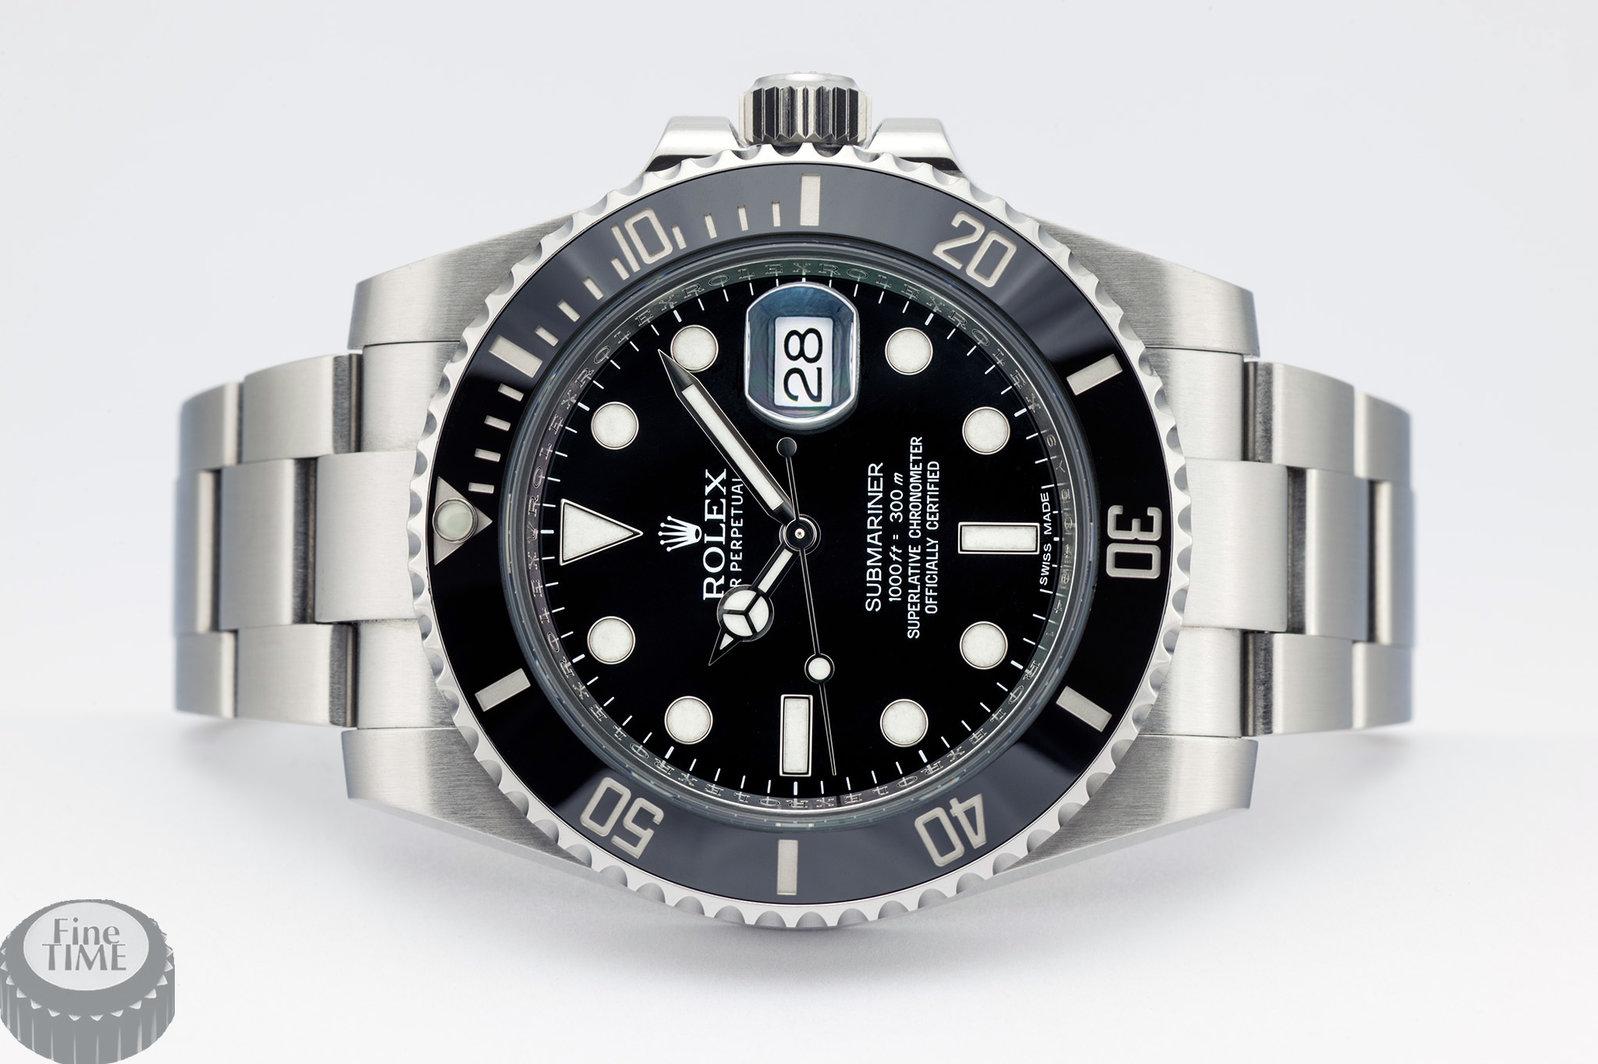 rolex-submariner-116610-ln-6y3-01.jpg